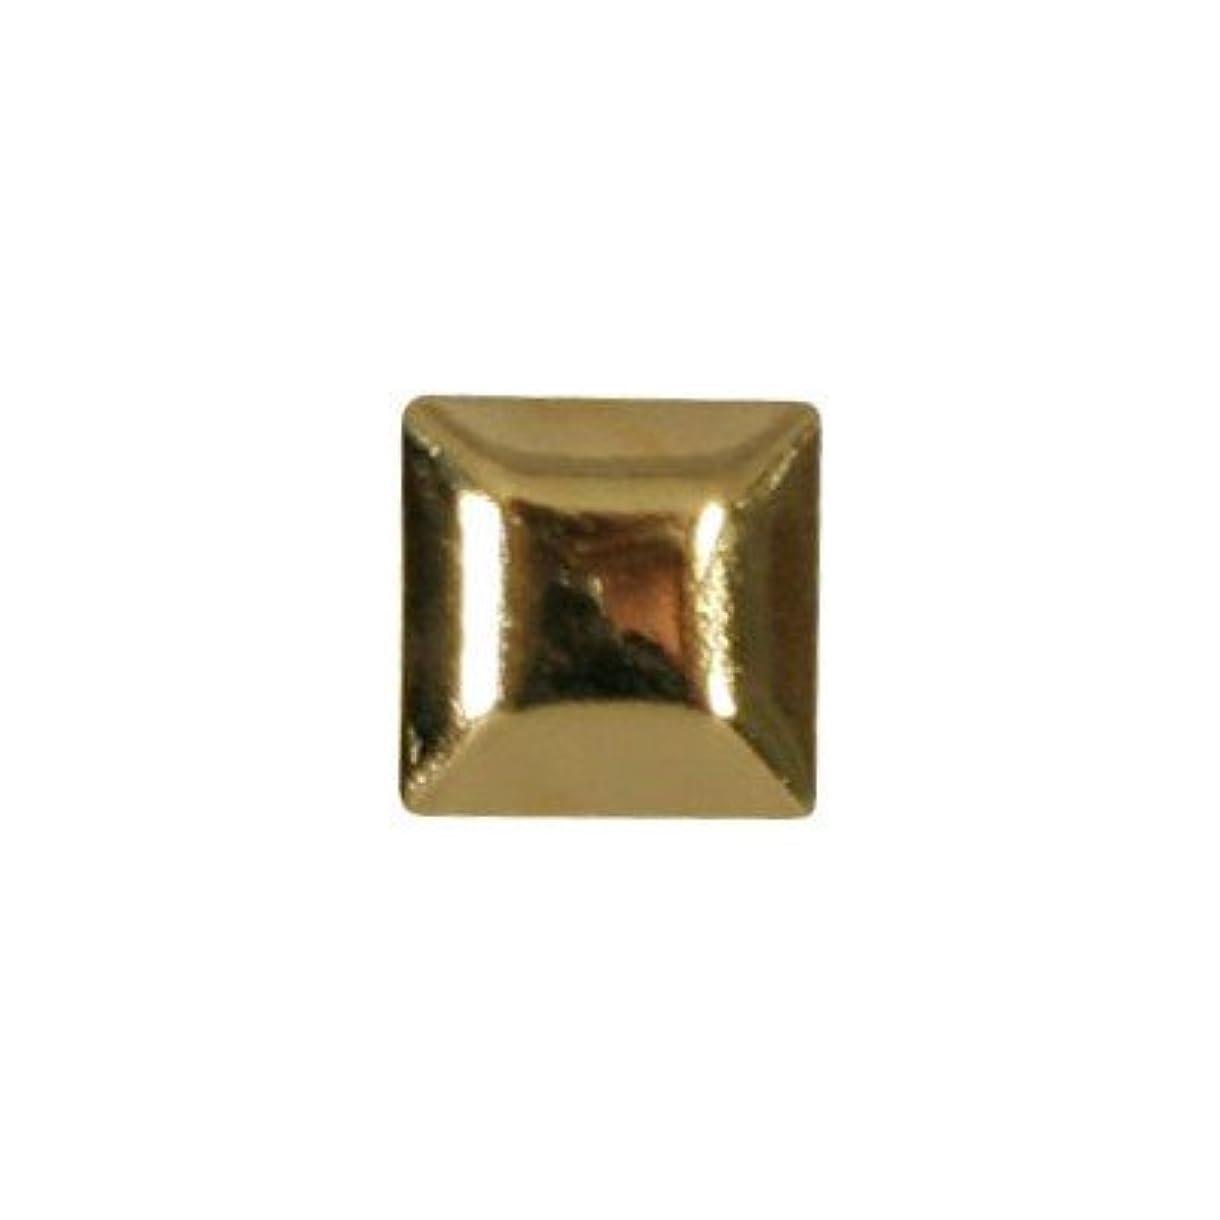 ピアドラ スタッズ メタルスクエア 4mm 30P ゴールド